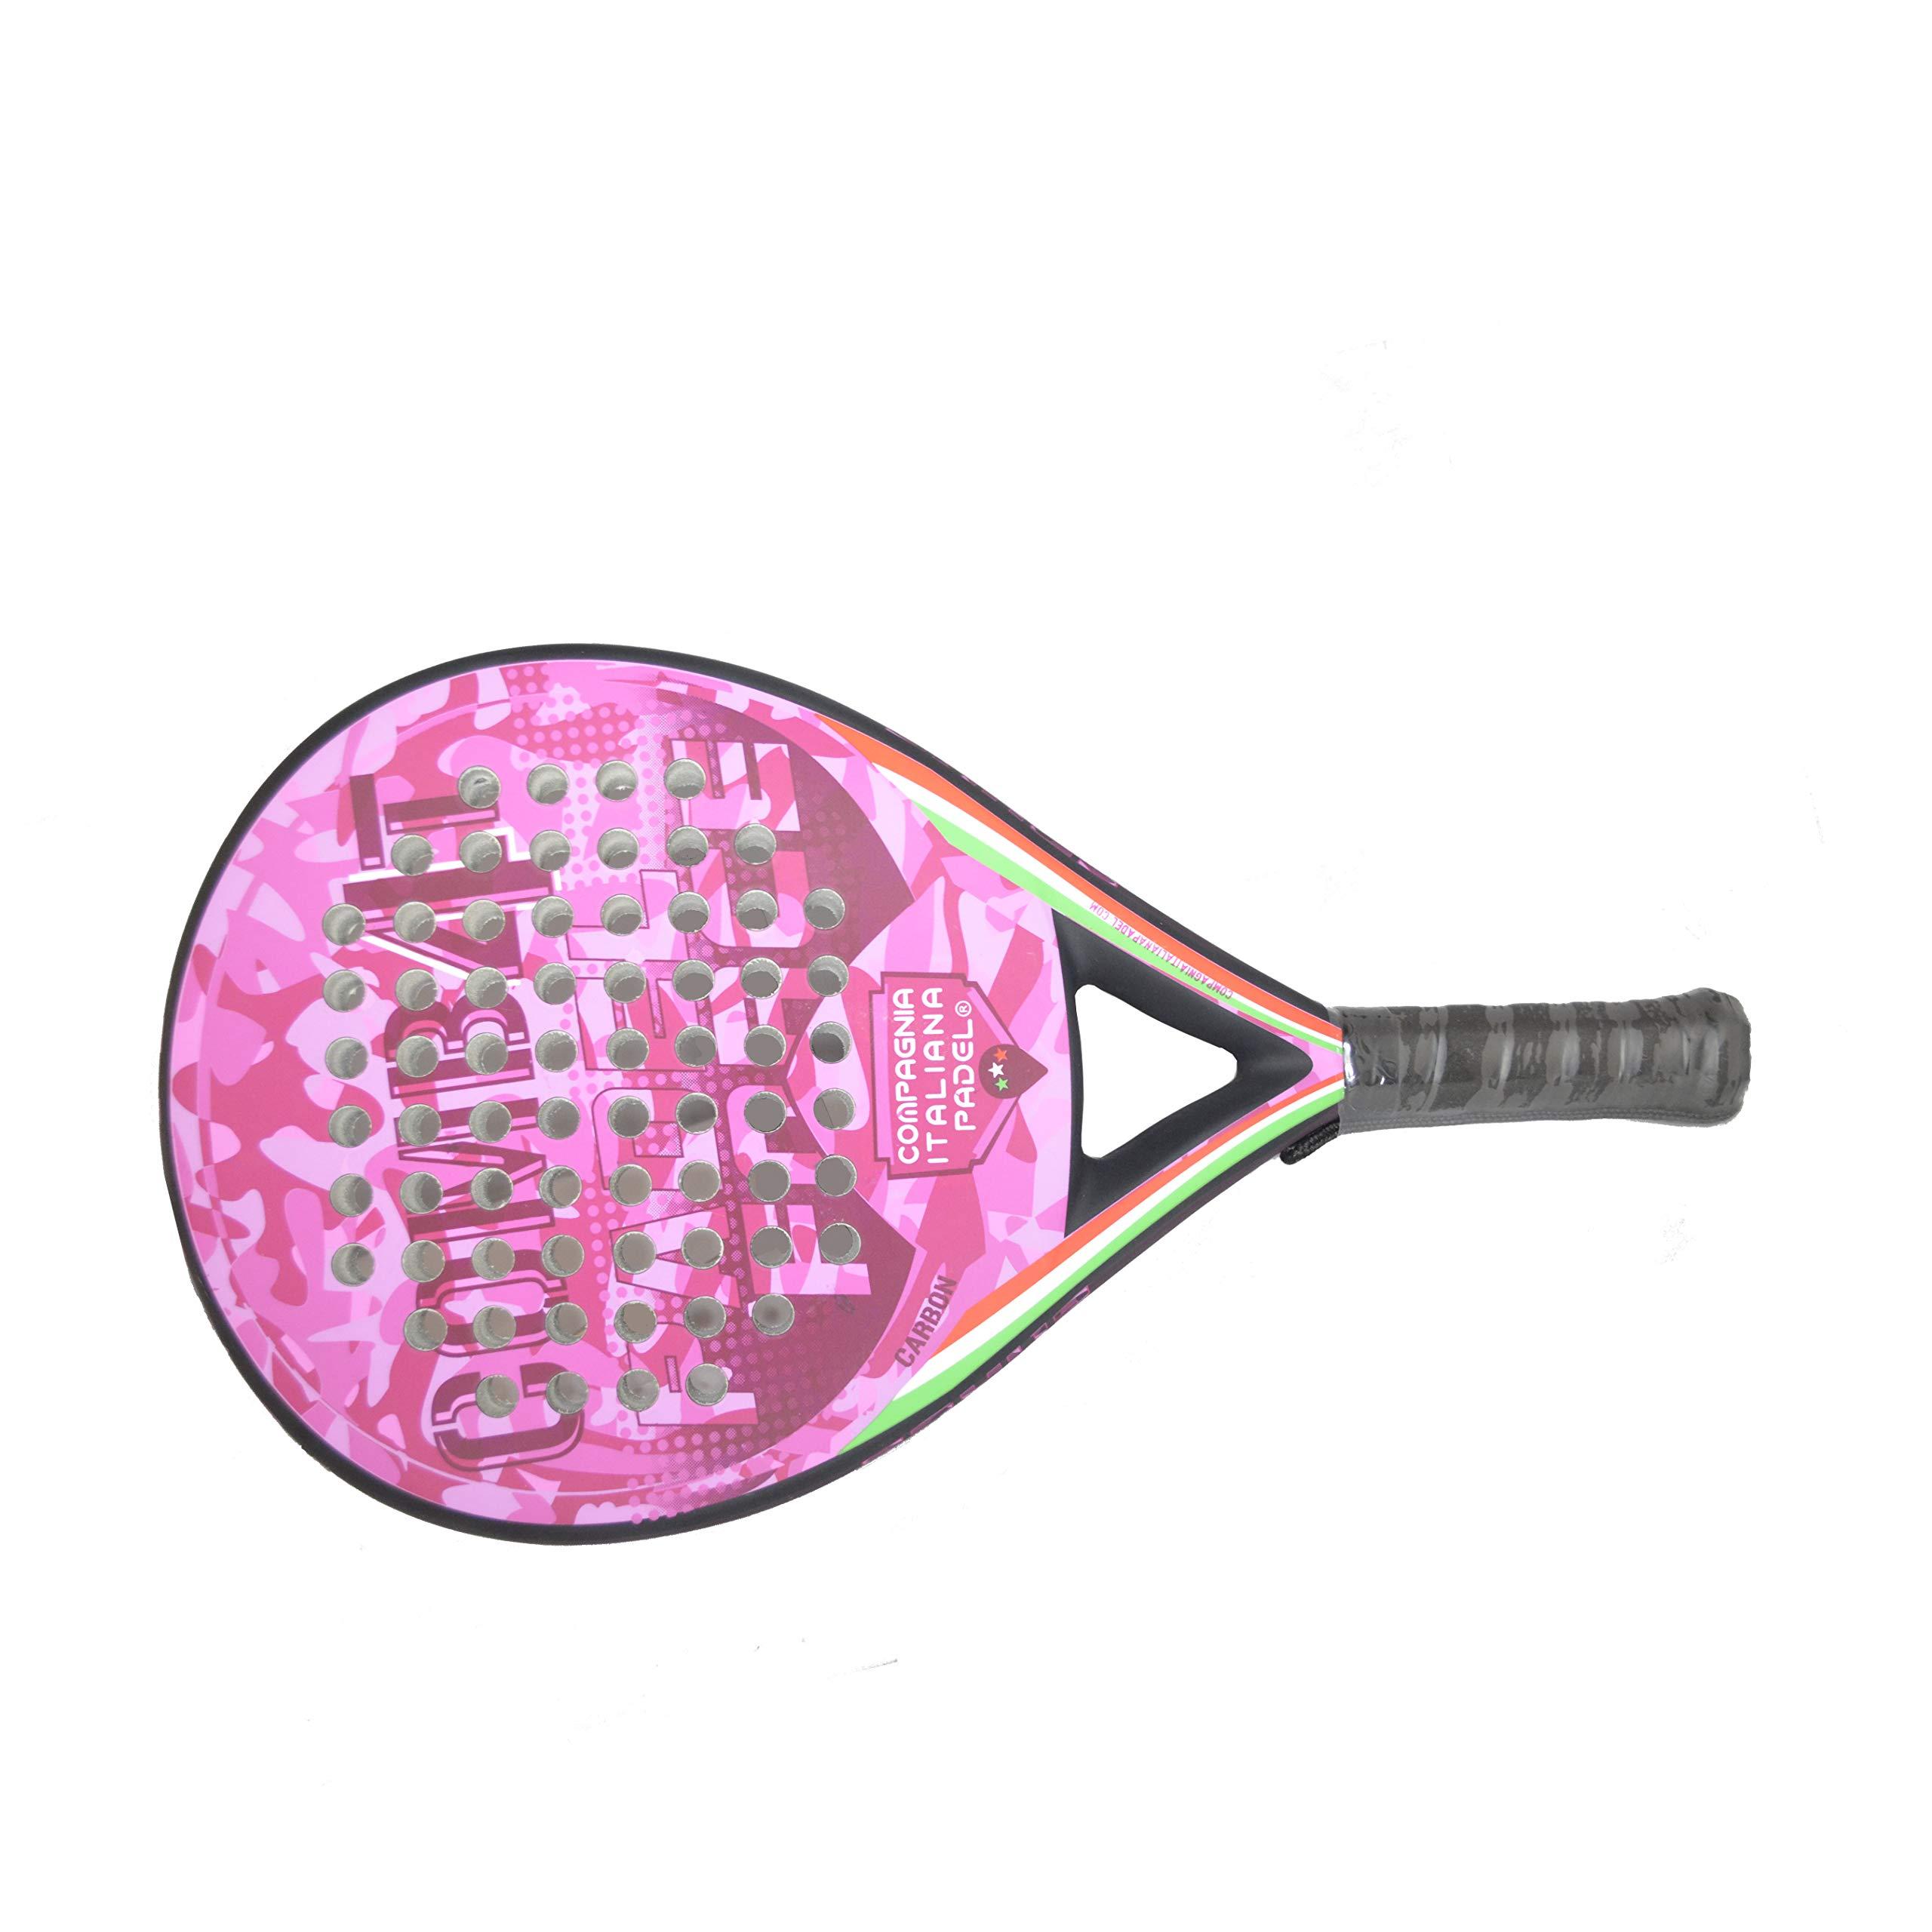 Pala Pádel de Carbono Combat 4 Rosa Mate: Amazon.es: Deportes y ...